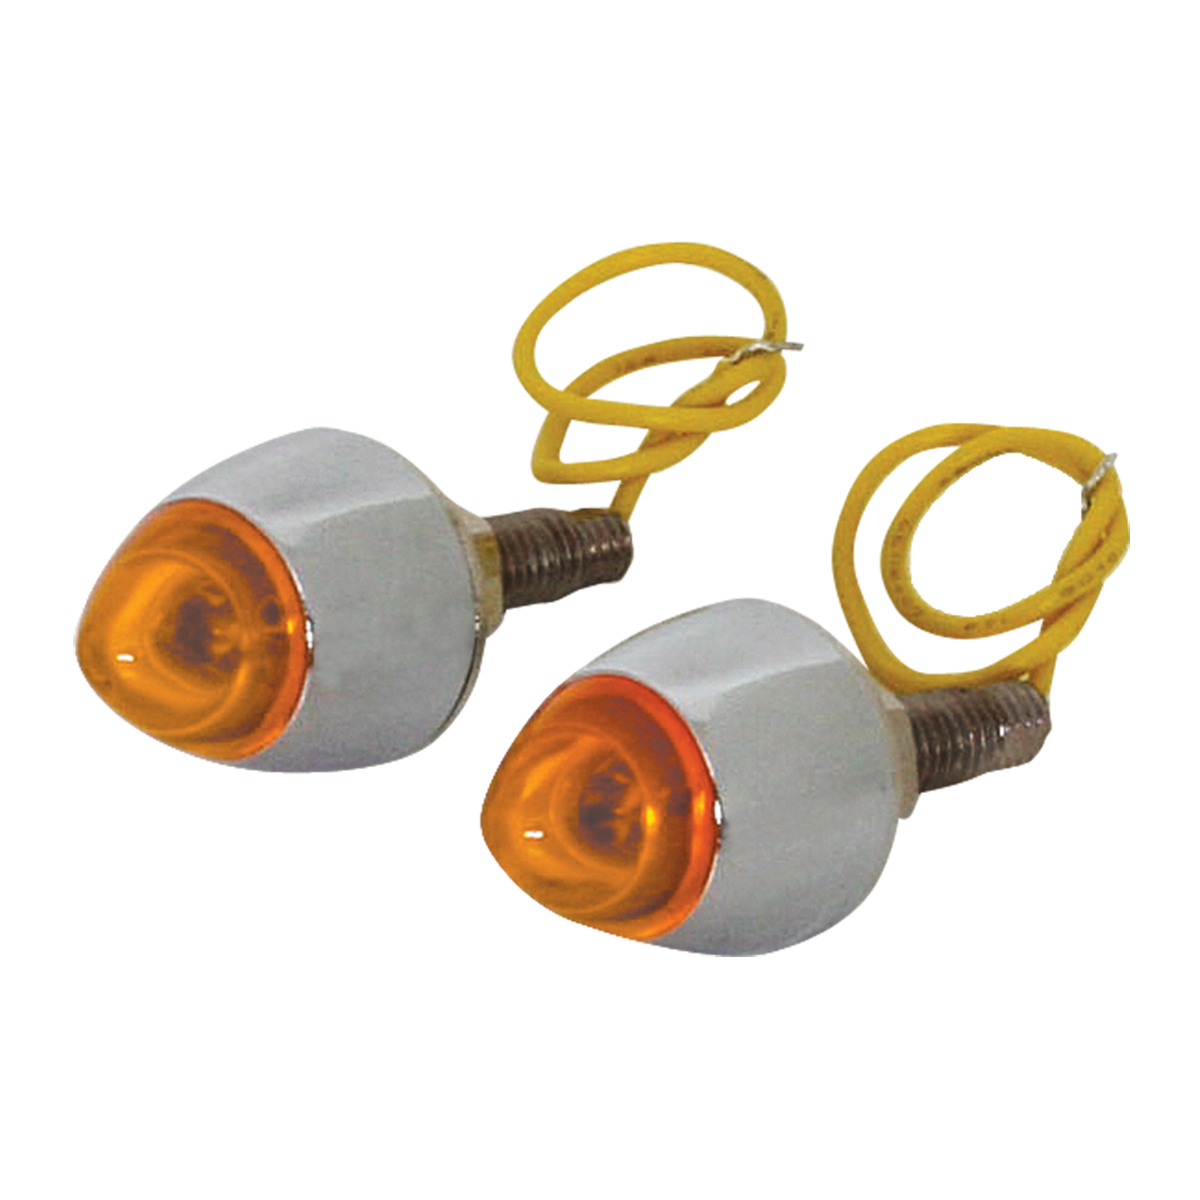 50920 Amber Bullet Fastener LED Light